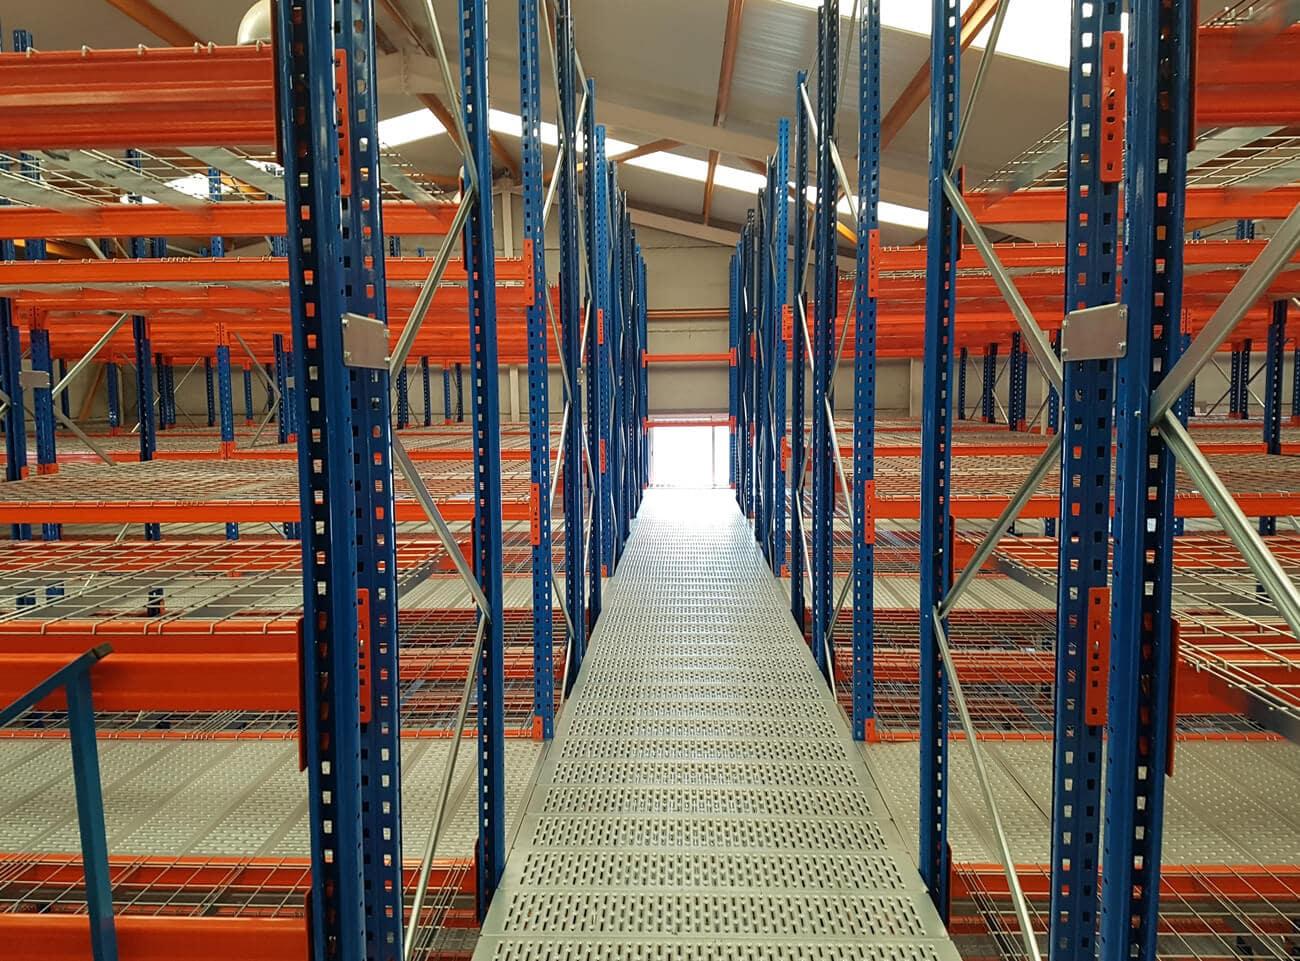 Estanterías industriales con pasillos elevados